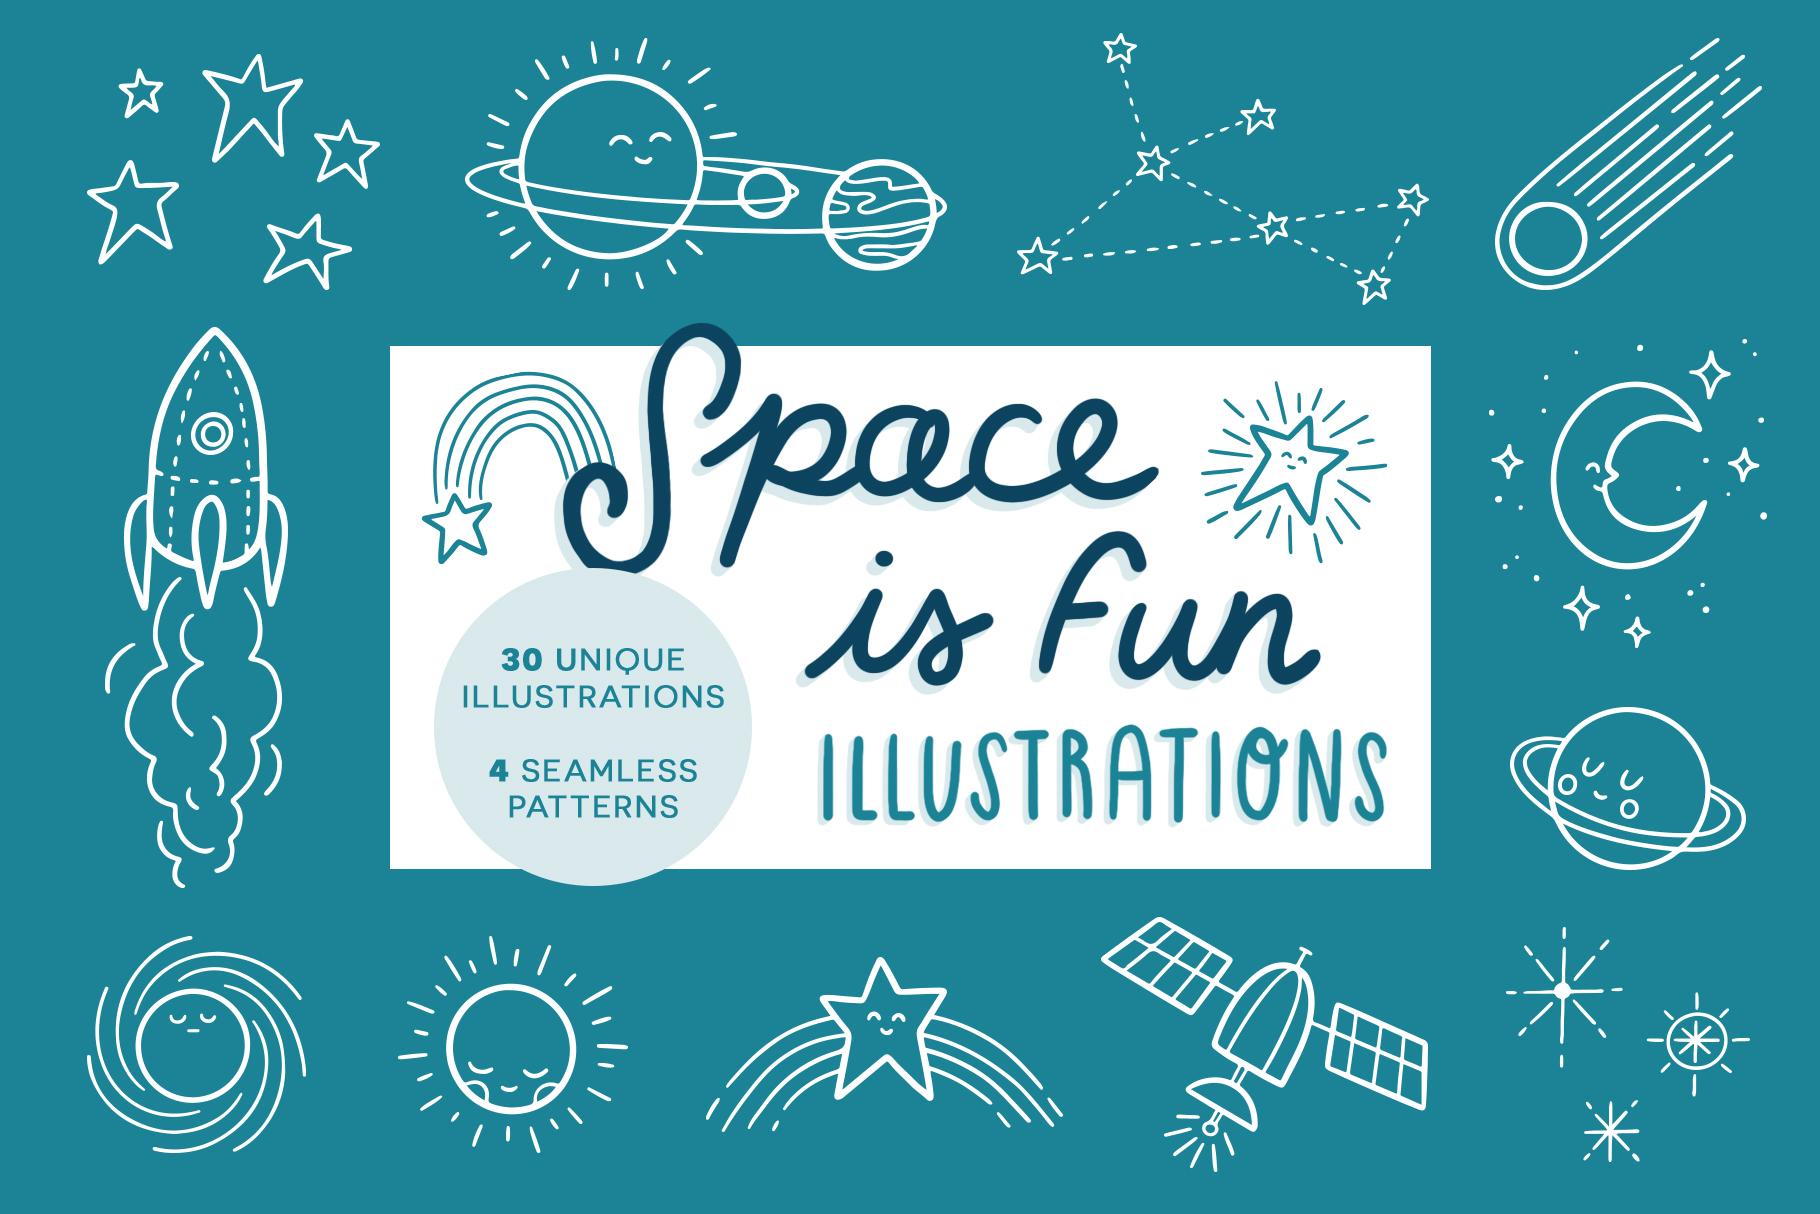 Space-is-Fun-1.jpg